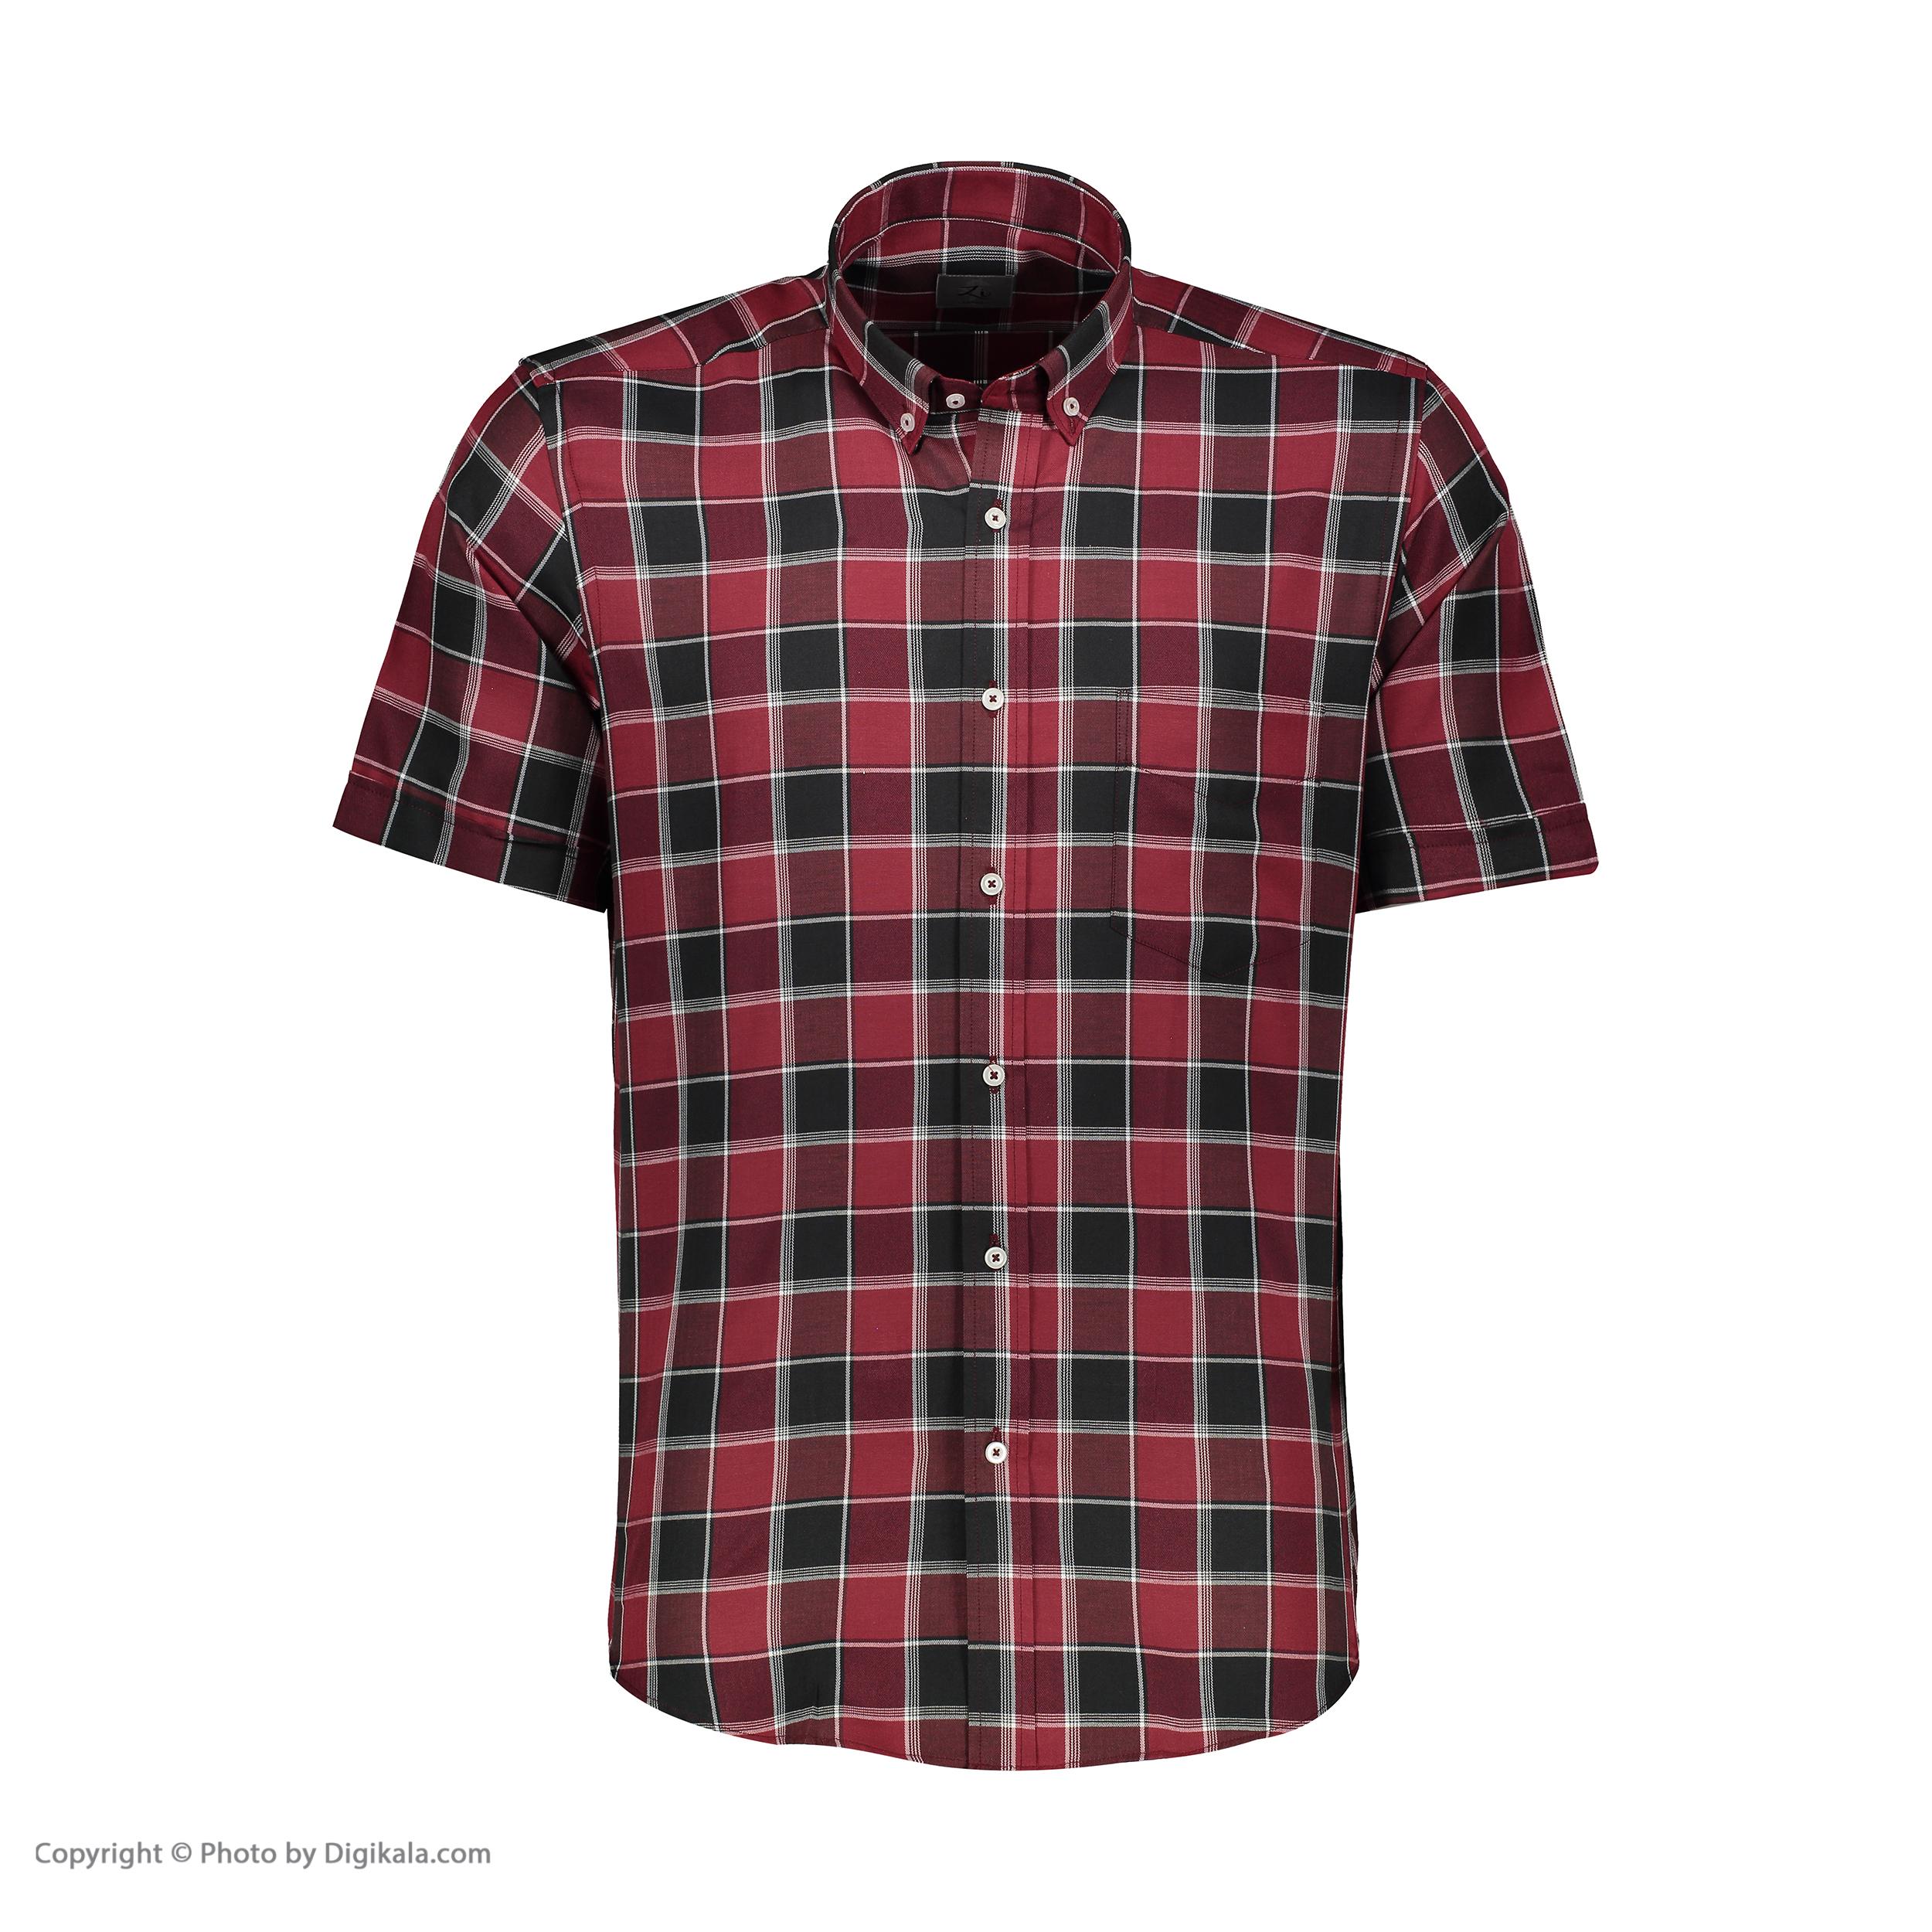 پیراهن مردانه زی مدل 15312297499 -  - 3